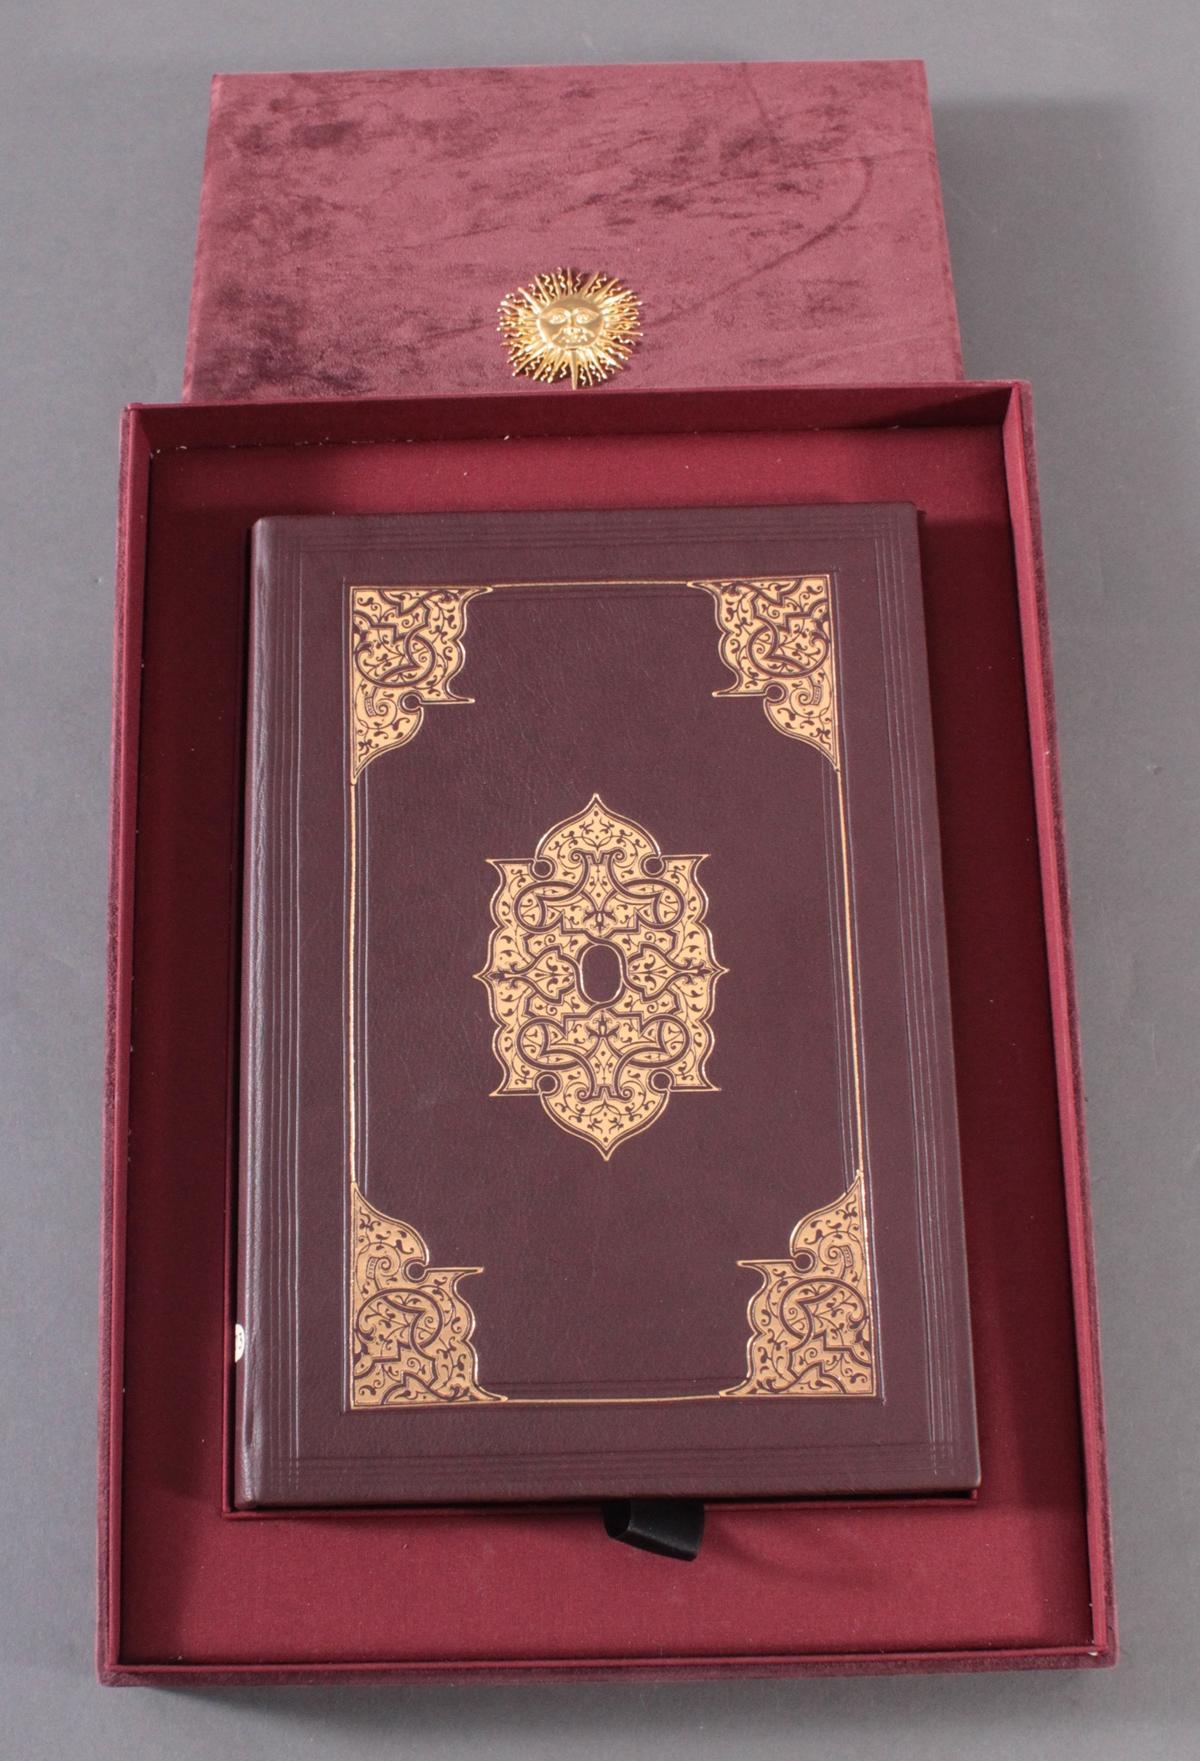 Faksimile, Biblia 1630 Das neue Testamen durch Martin Luther verdeutscht, Splendor Solis